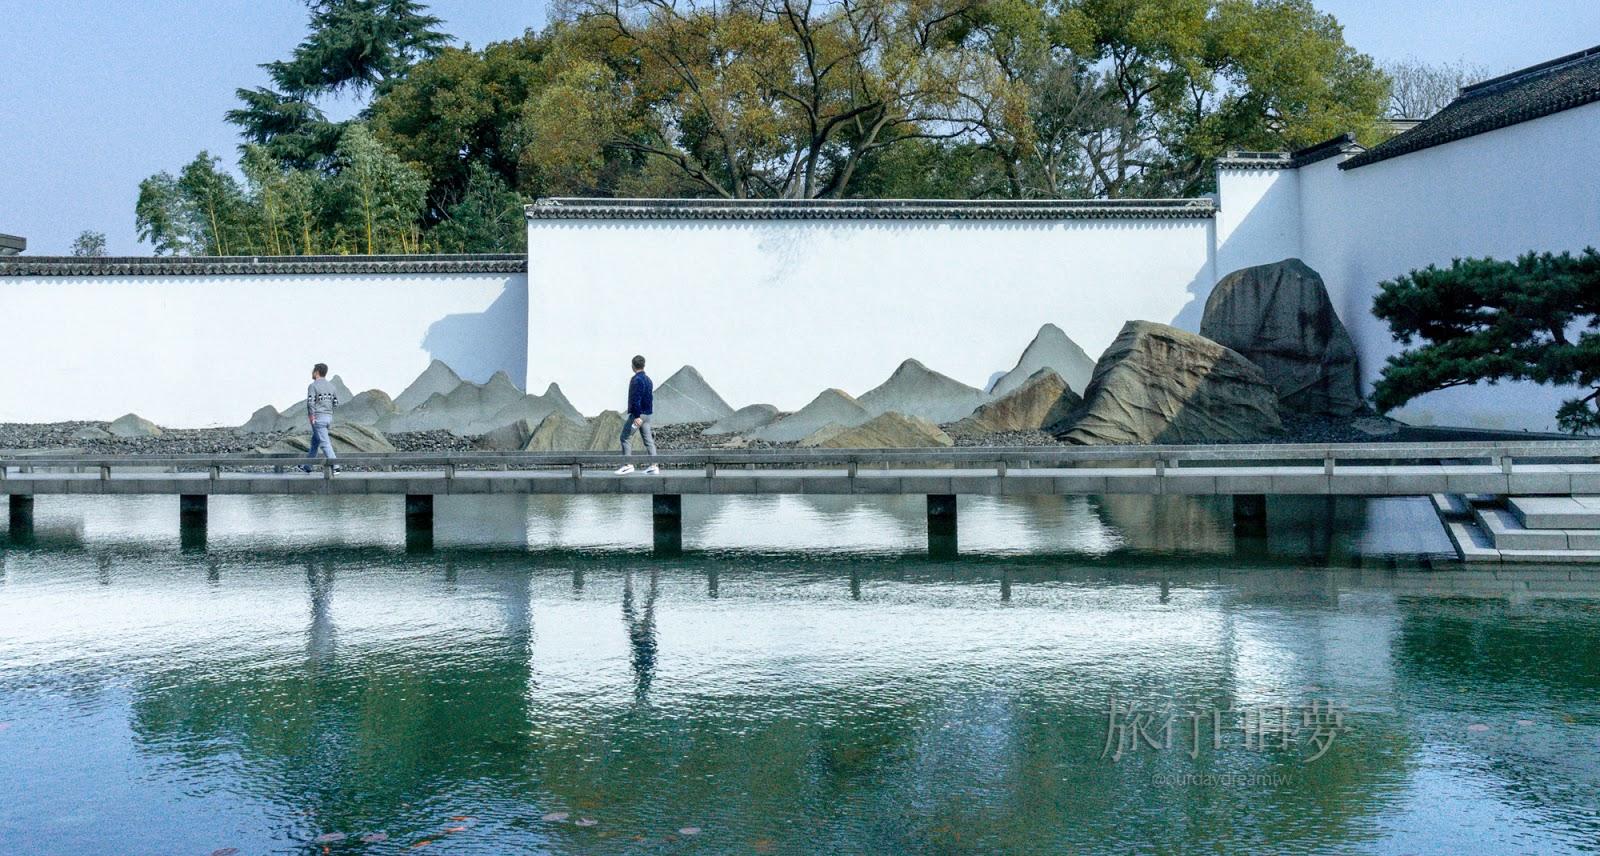 蘇州博物館│貝聿銘對家鄉的夢幻詮釋 現代主義白色園林-欣中國-欣傳媒旅遊頻道